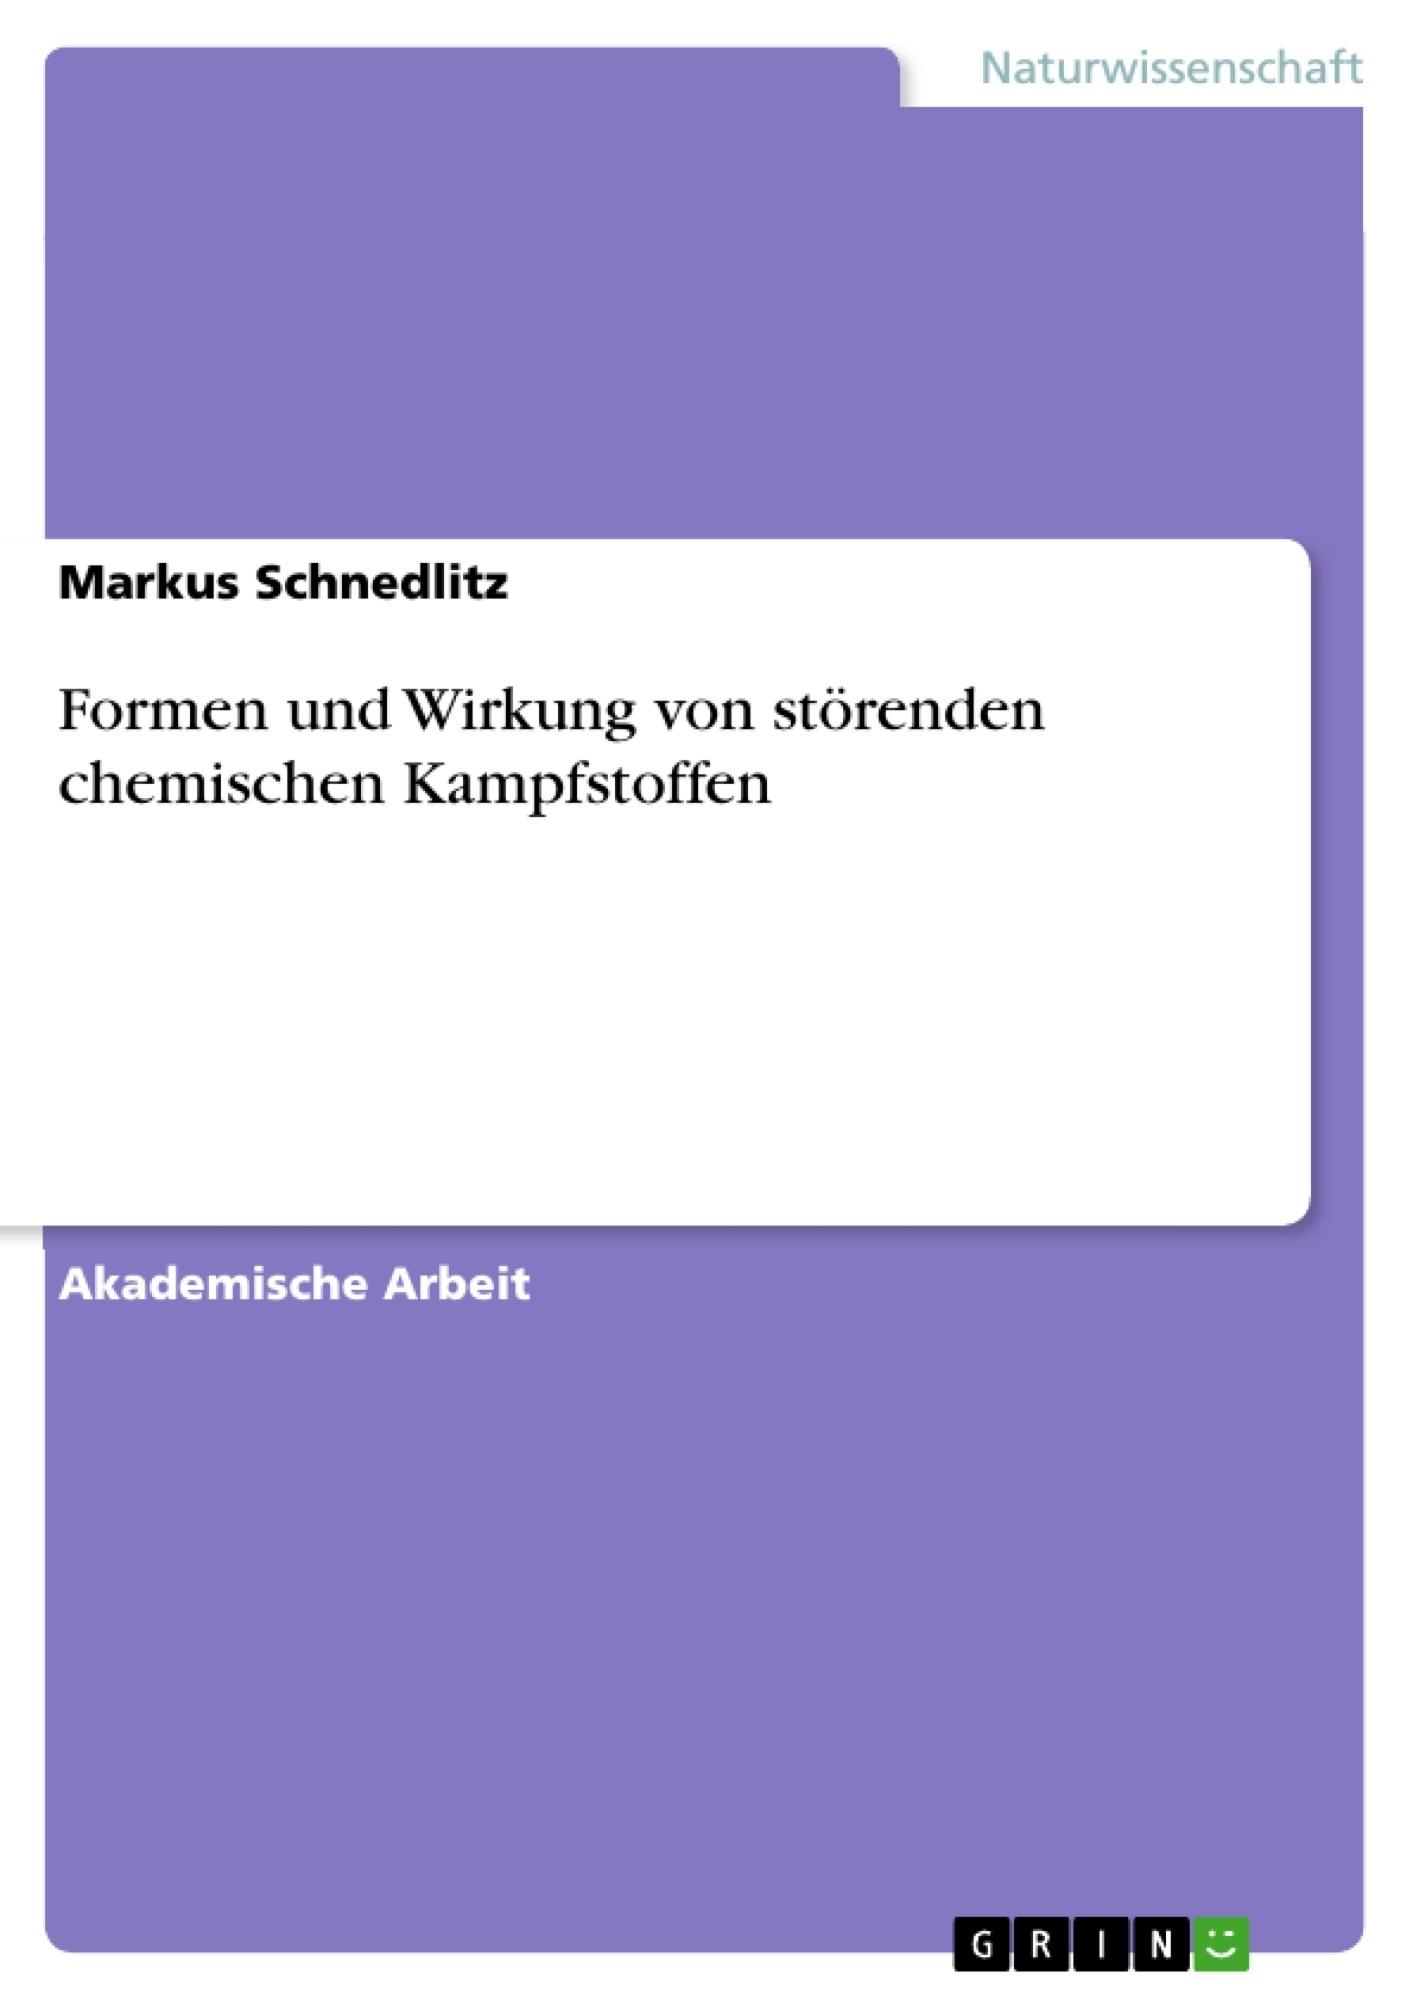 Titel: Formen und Wirkung von störenden chemischen Kampfstoffen